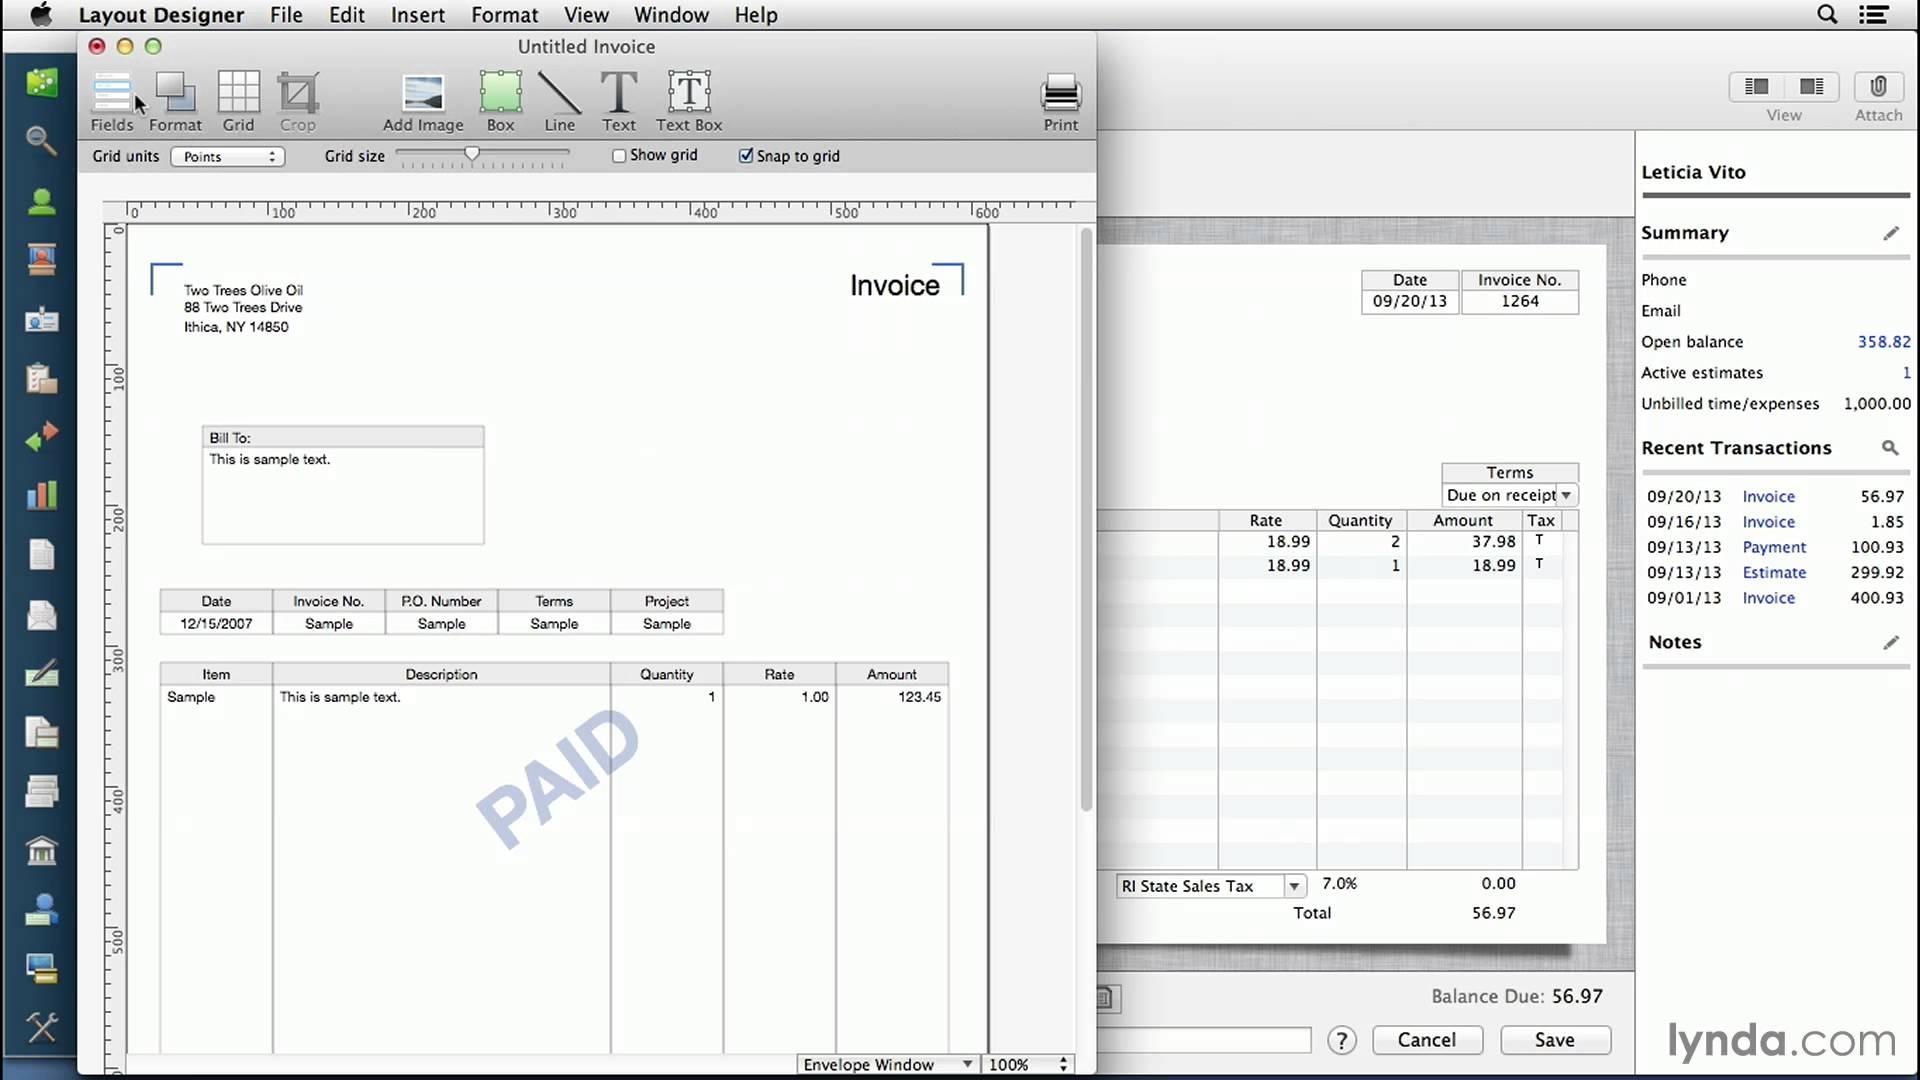 quickbooks for mac tutorial customizing invoices and forms quickbooks invoice tutorial